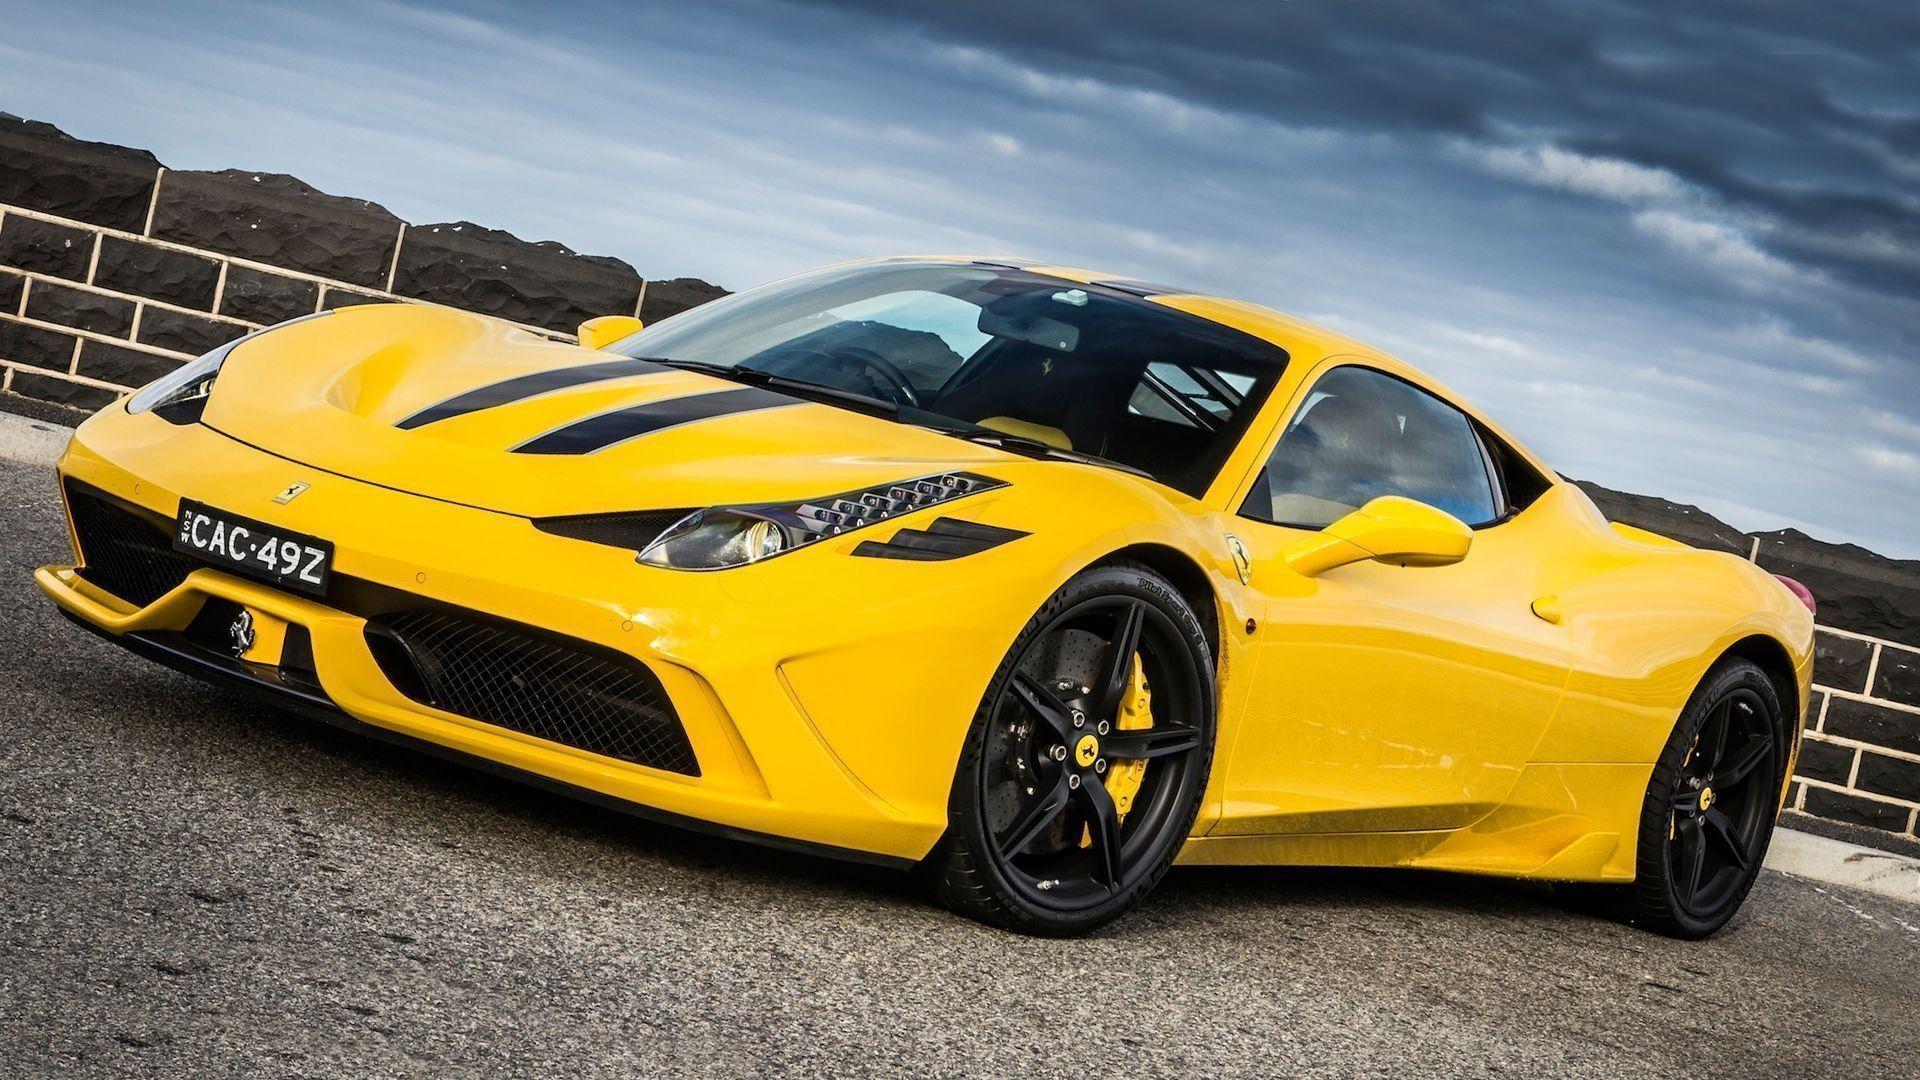 2019 Ferrari 458 Italia Redesign Price And Review Ferrari458italia 2019 Ferrari 458 Italia Redesign Price And Revi Ferrari Italia 458 Ferrari 458 Sportwagen